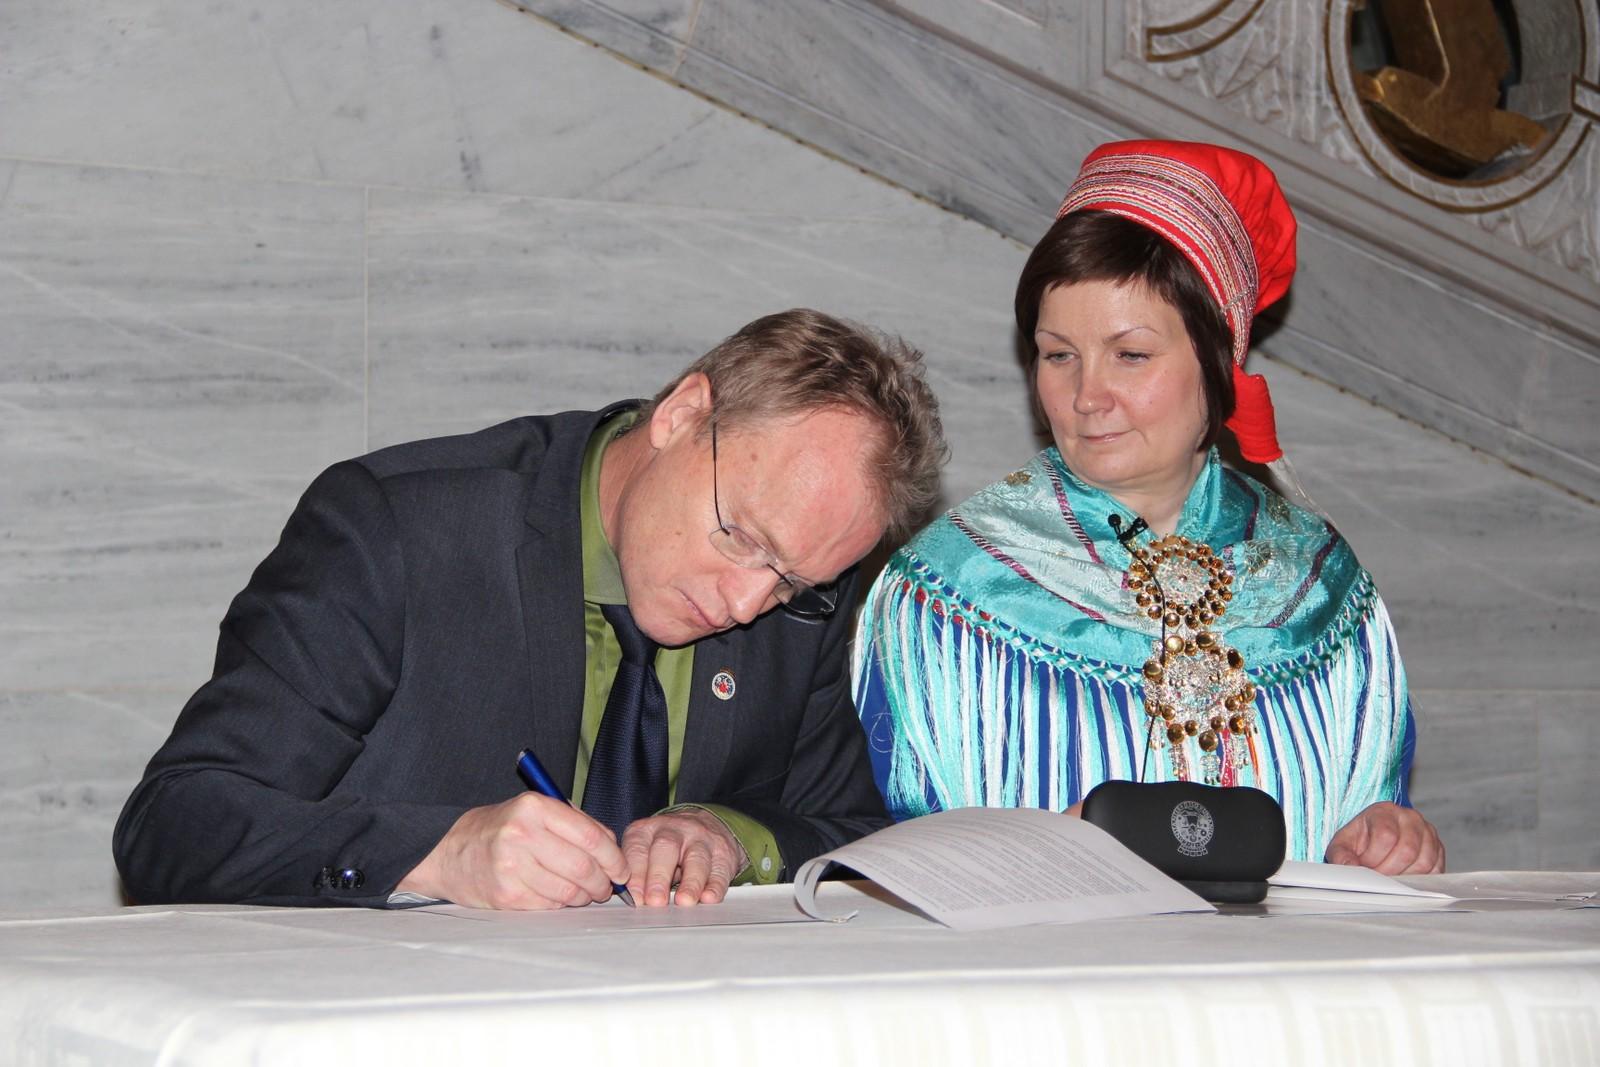 Senere på dagen skrev byrådslederen i Oslo, Raymond Johansen, under samarbeidsavtalen mellom Sametinget og Oslo kommune. Dette gjorde han sammen med Aili Keskitalo.